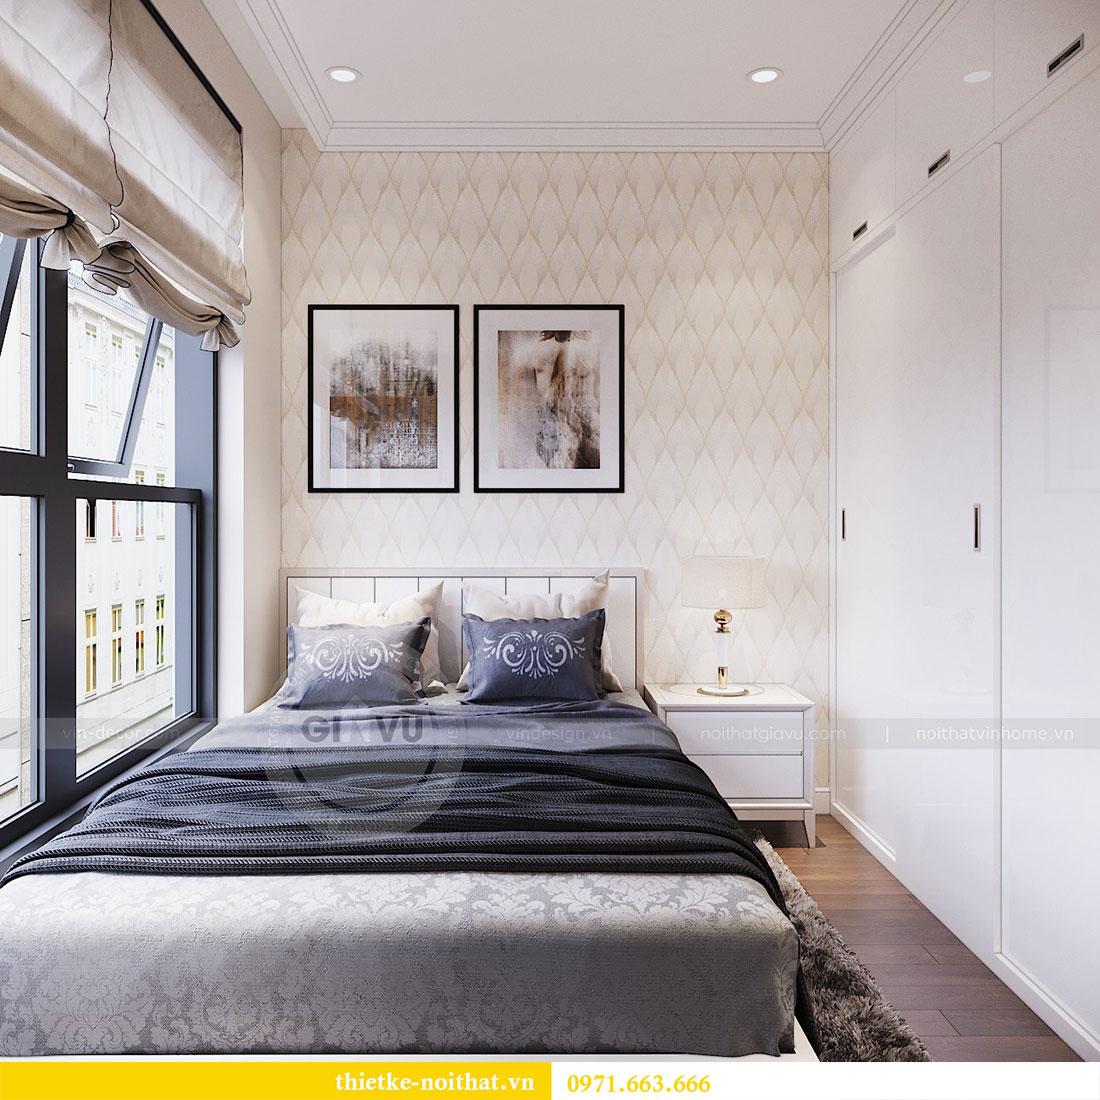 Thiết kế nội thất căn hộ 06 tòa C7 chung cư Dcapitale 7